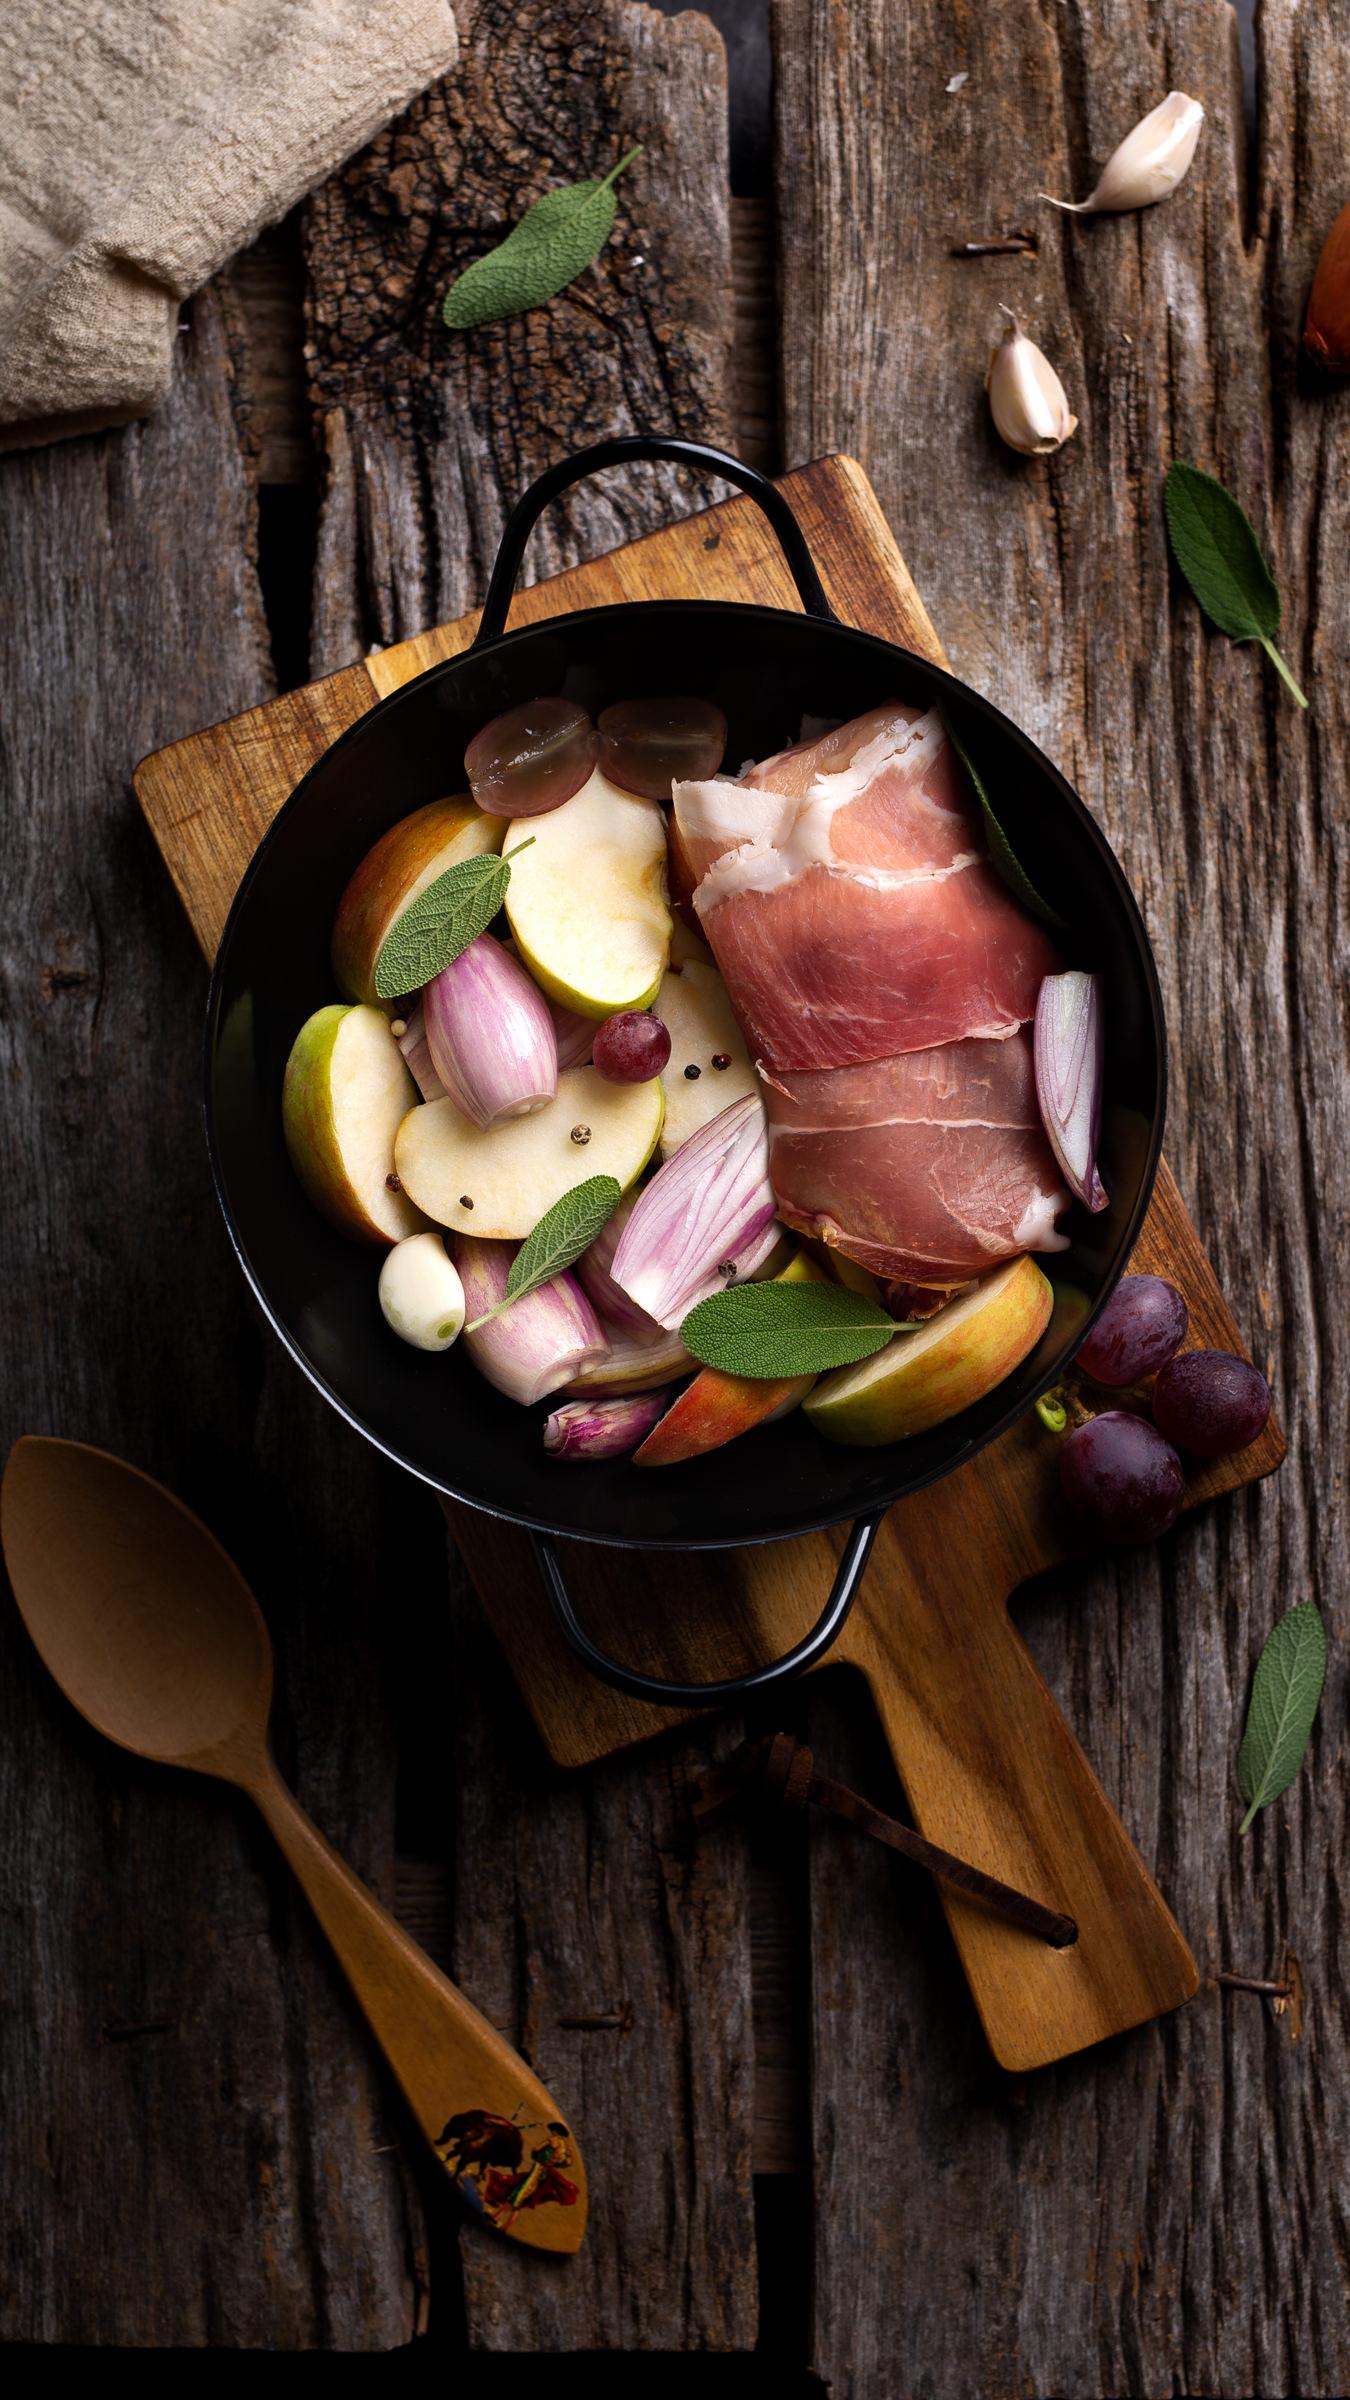 Punjena piletina pečena u jabučnom cideru s jabukama - međimursko pile darko kontin recept